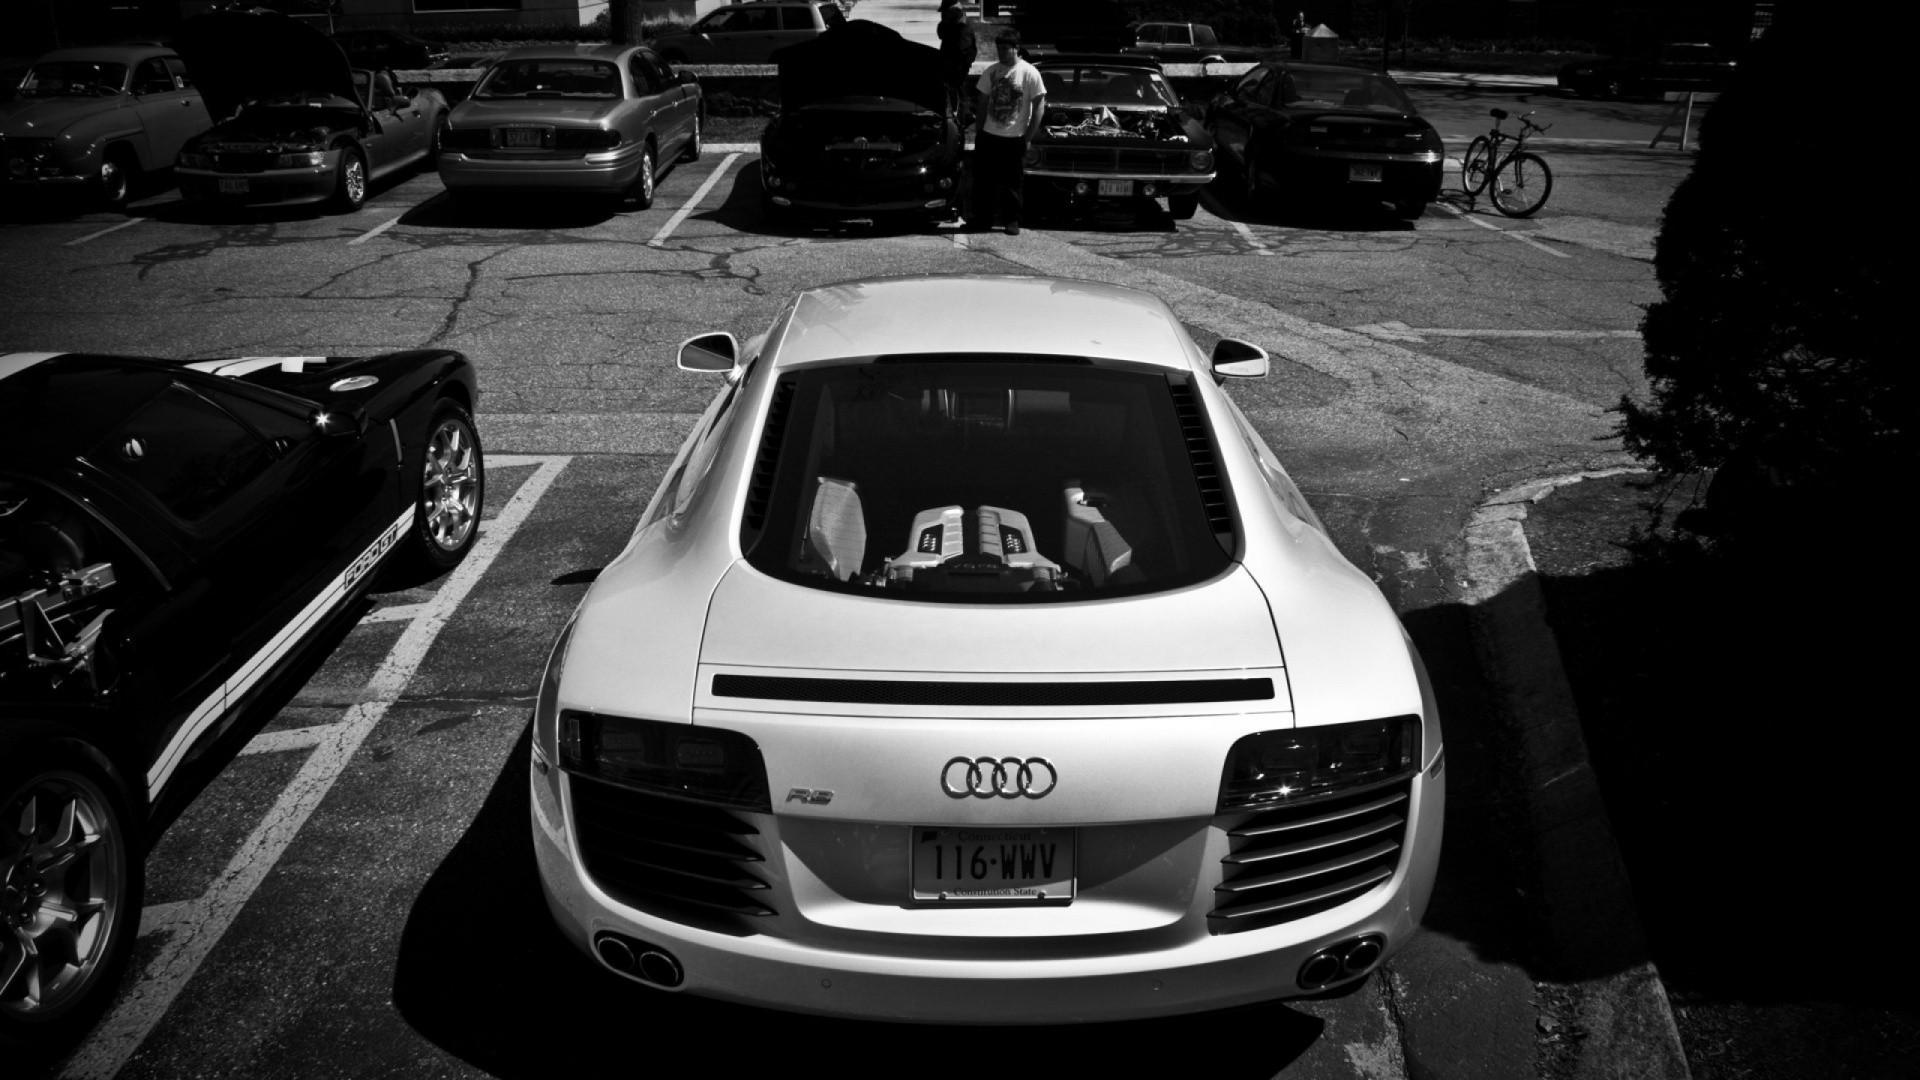 White Audi R8 Rear Monochrome